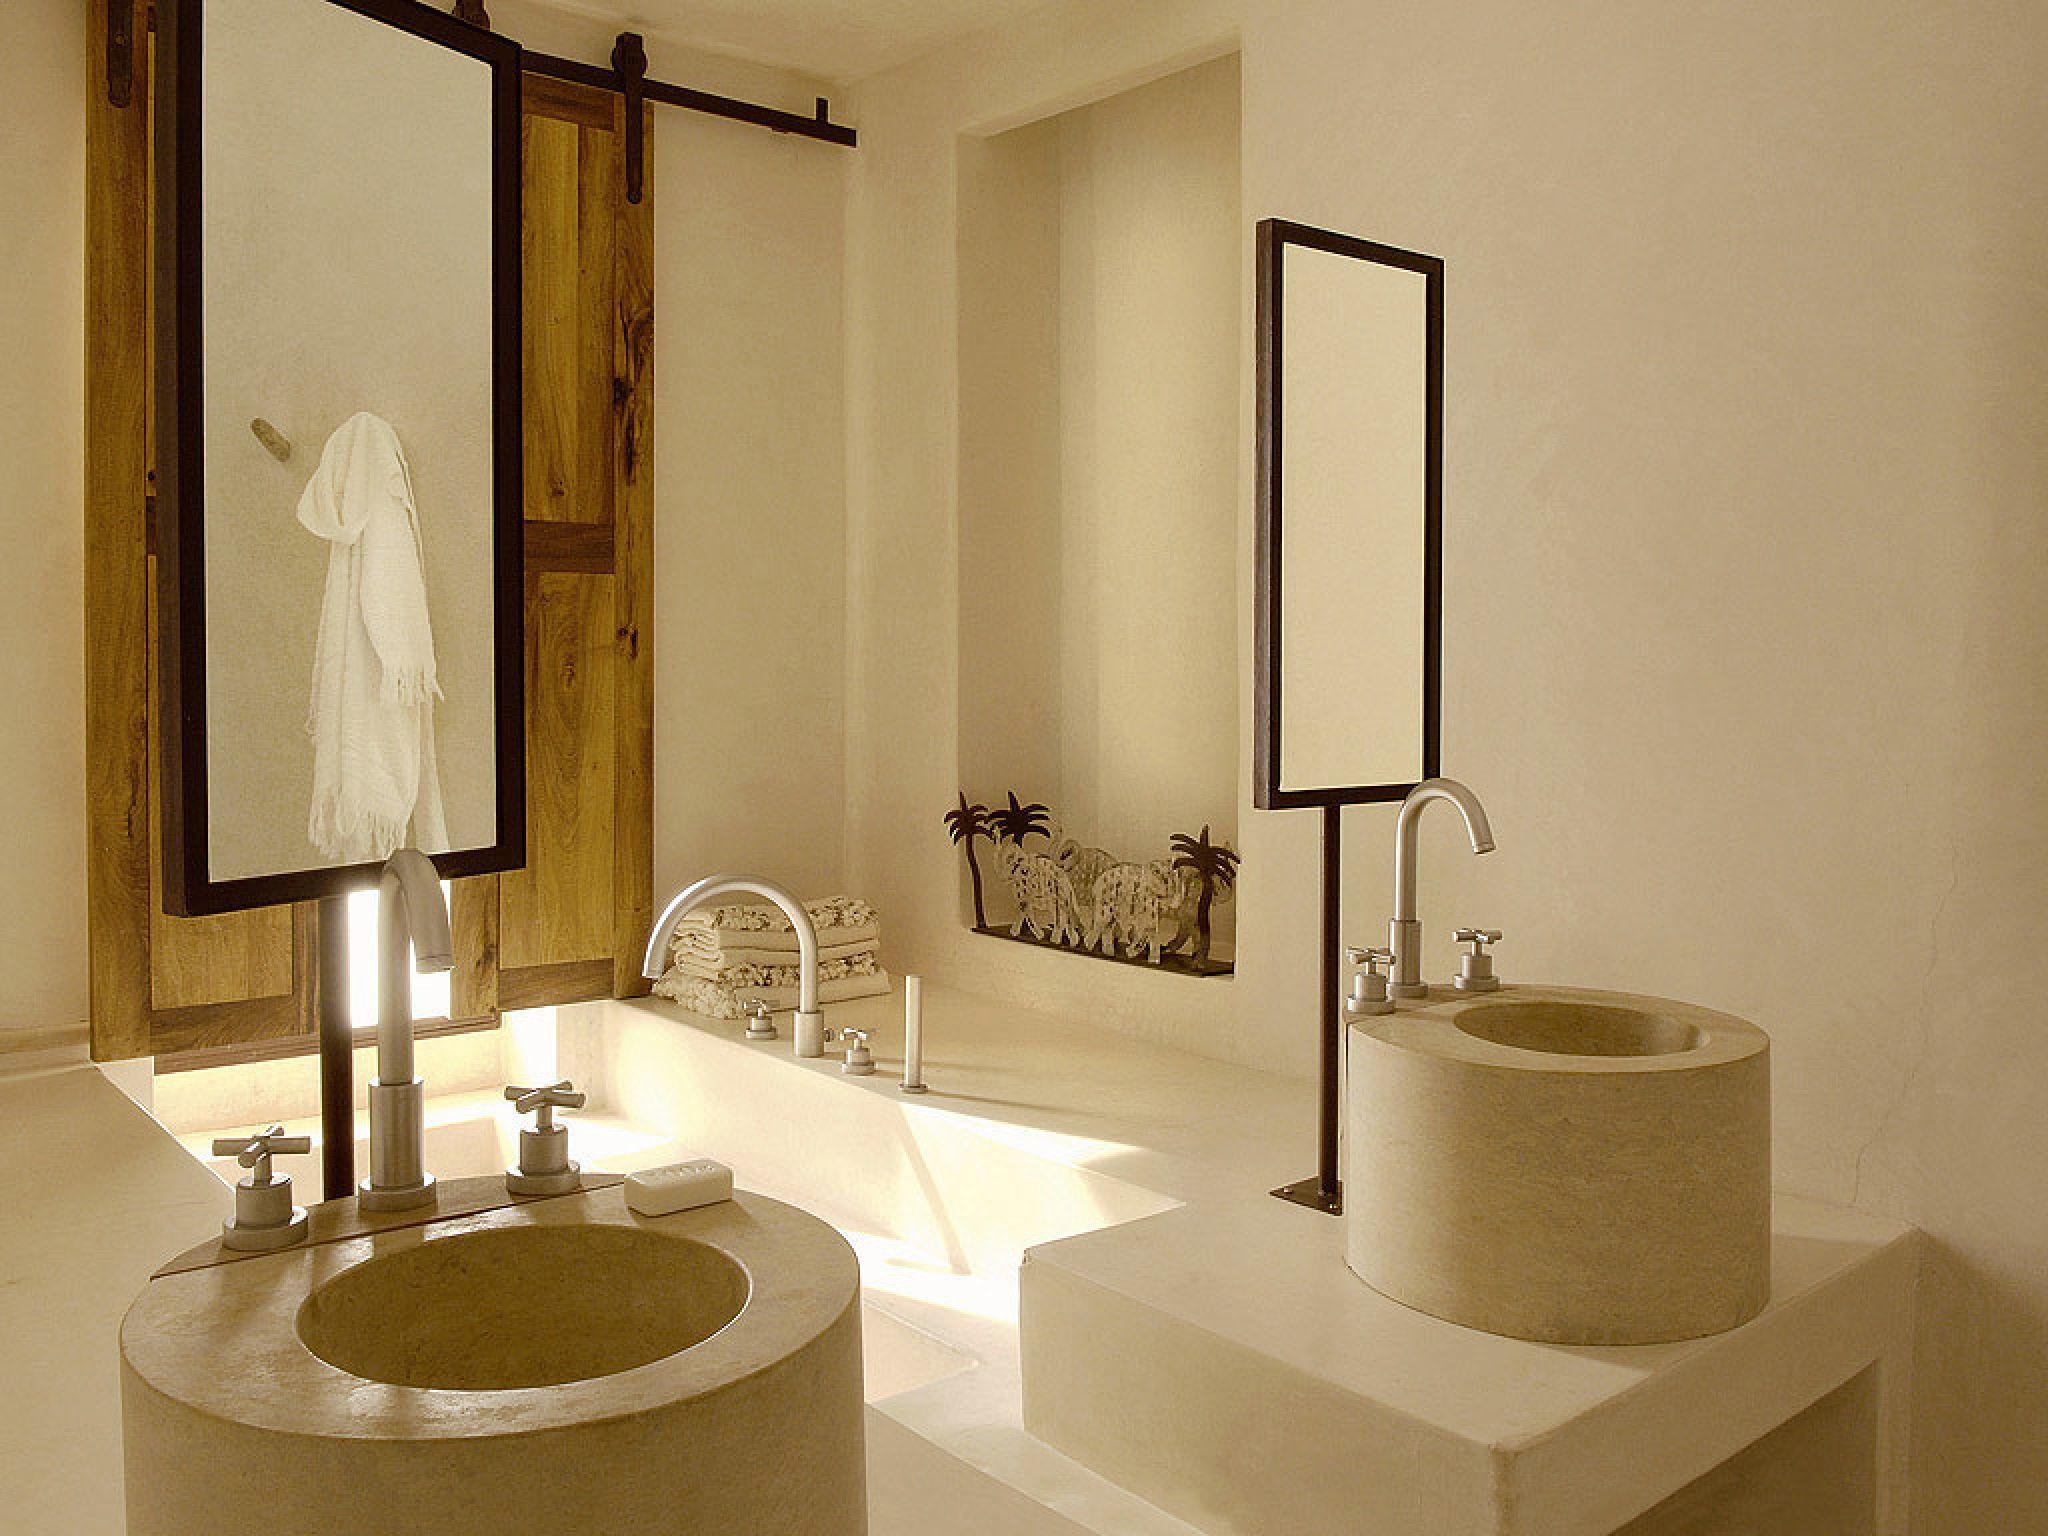 En Suite Bathrooms Rustic: Salle De Bain Marocaine, Salle De